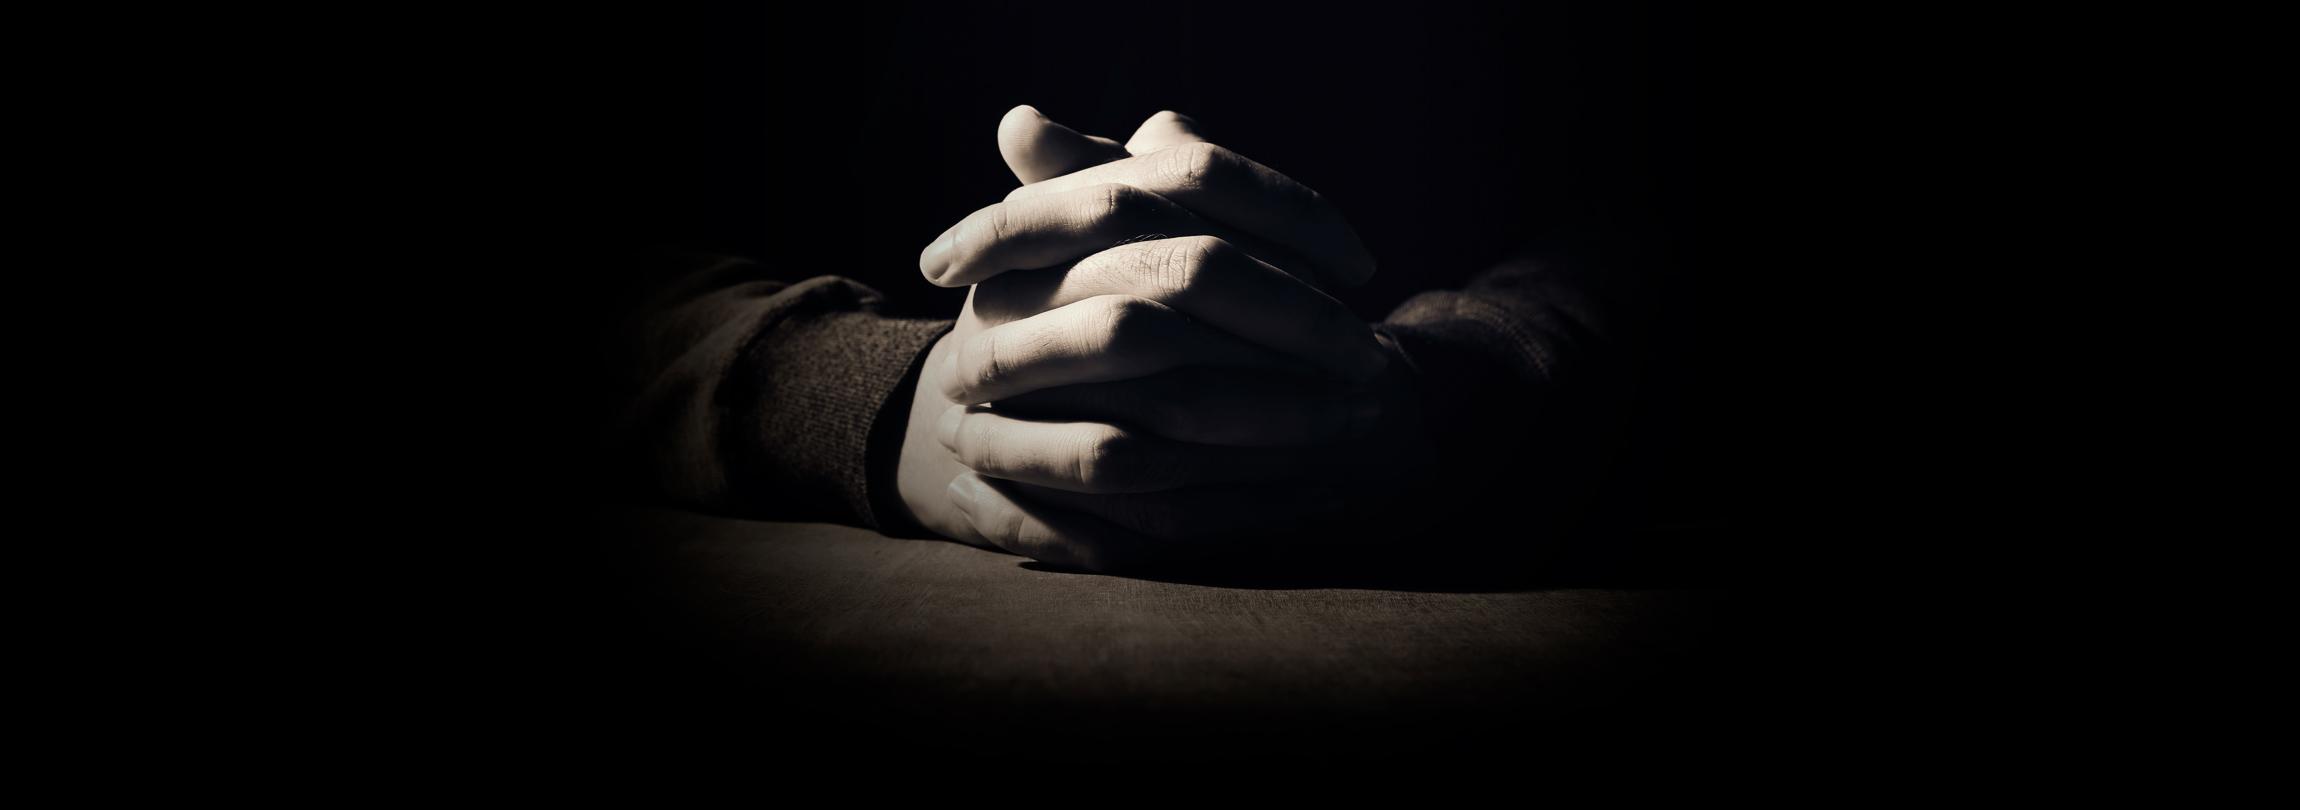 Quem não faz oração está perdido